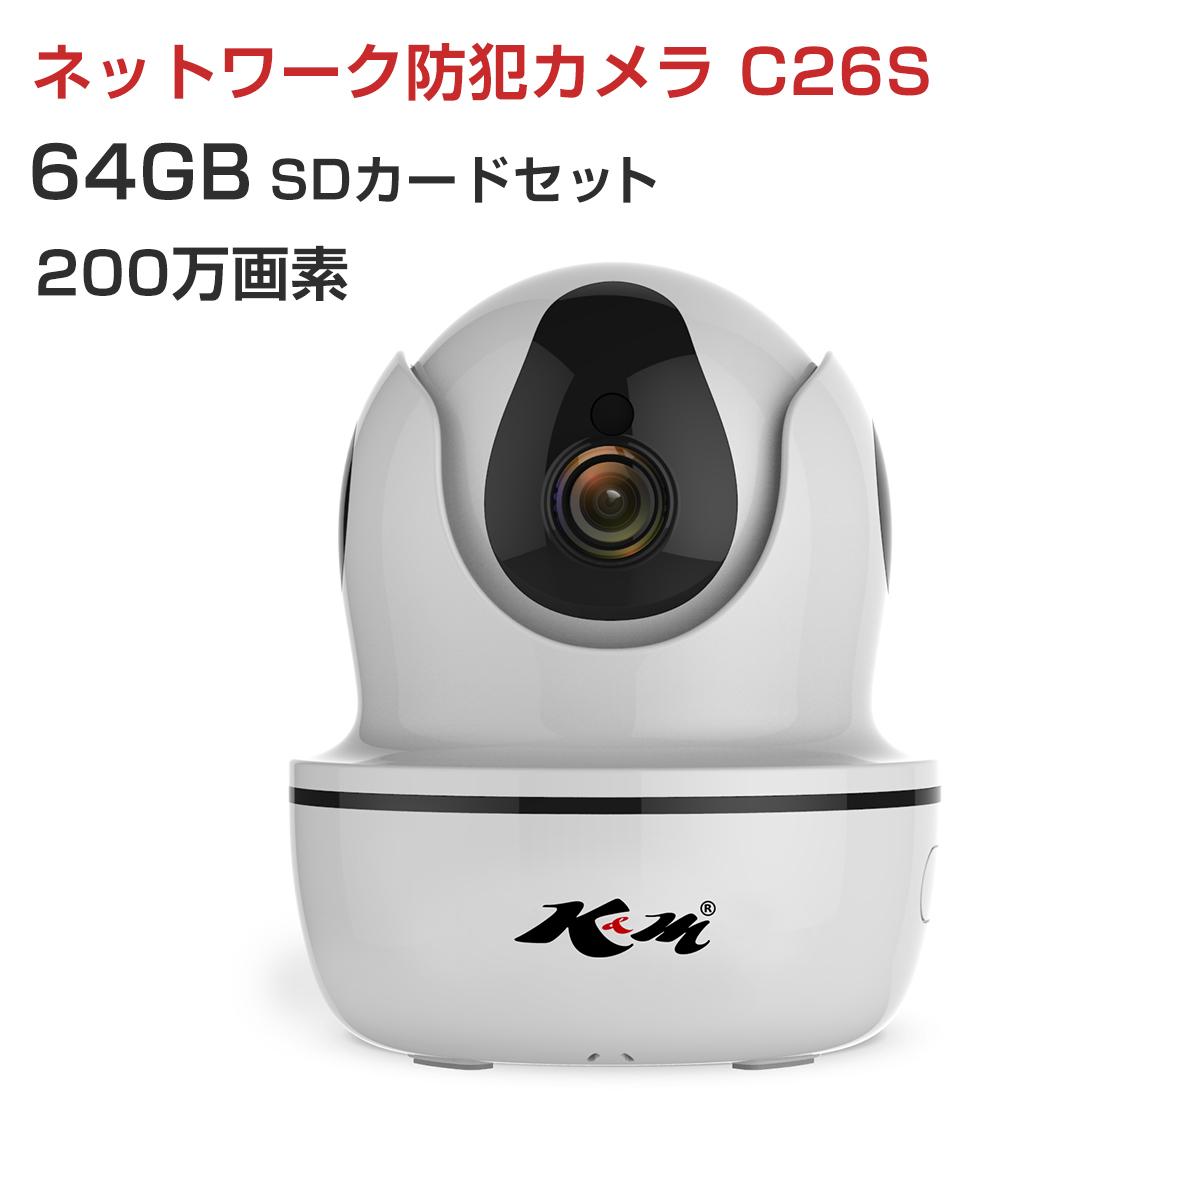 防犯カメラ ベビー ペットモニター Vstarcam C26S SDカード64GBセット済 ワイヤレス 無線WIFI MicroSDカード録画 200万画素 電源繋ぐだけ 屋内用 監視 ネットワーク IP カメラ モーション探知 宅配便送料無料 PSE 1年保証 K&M